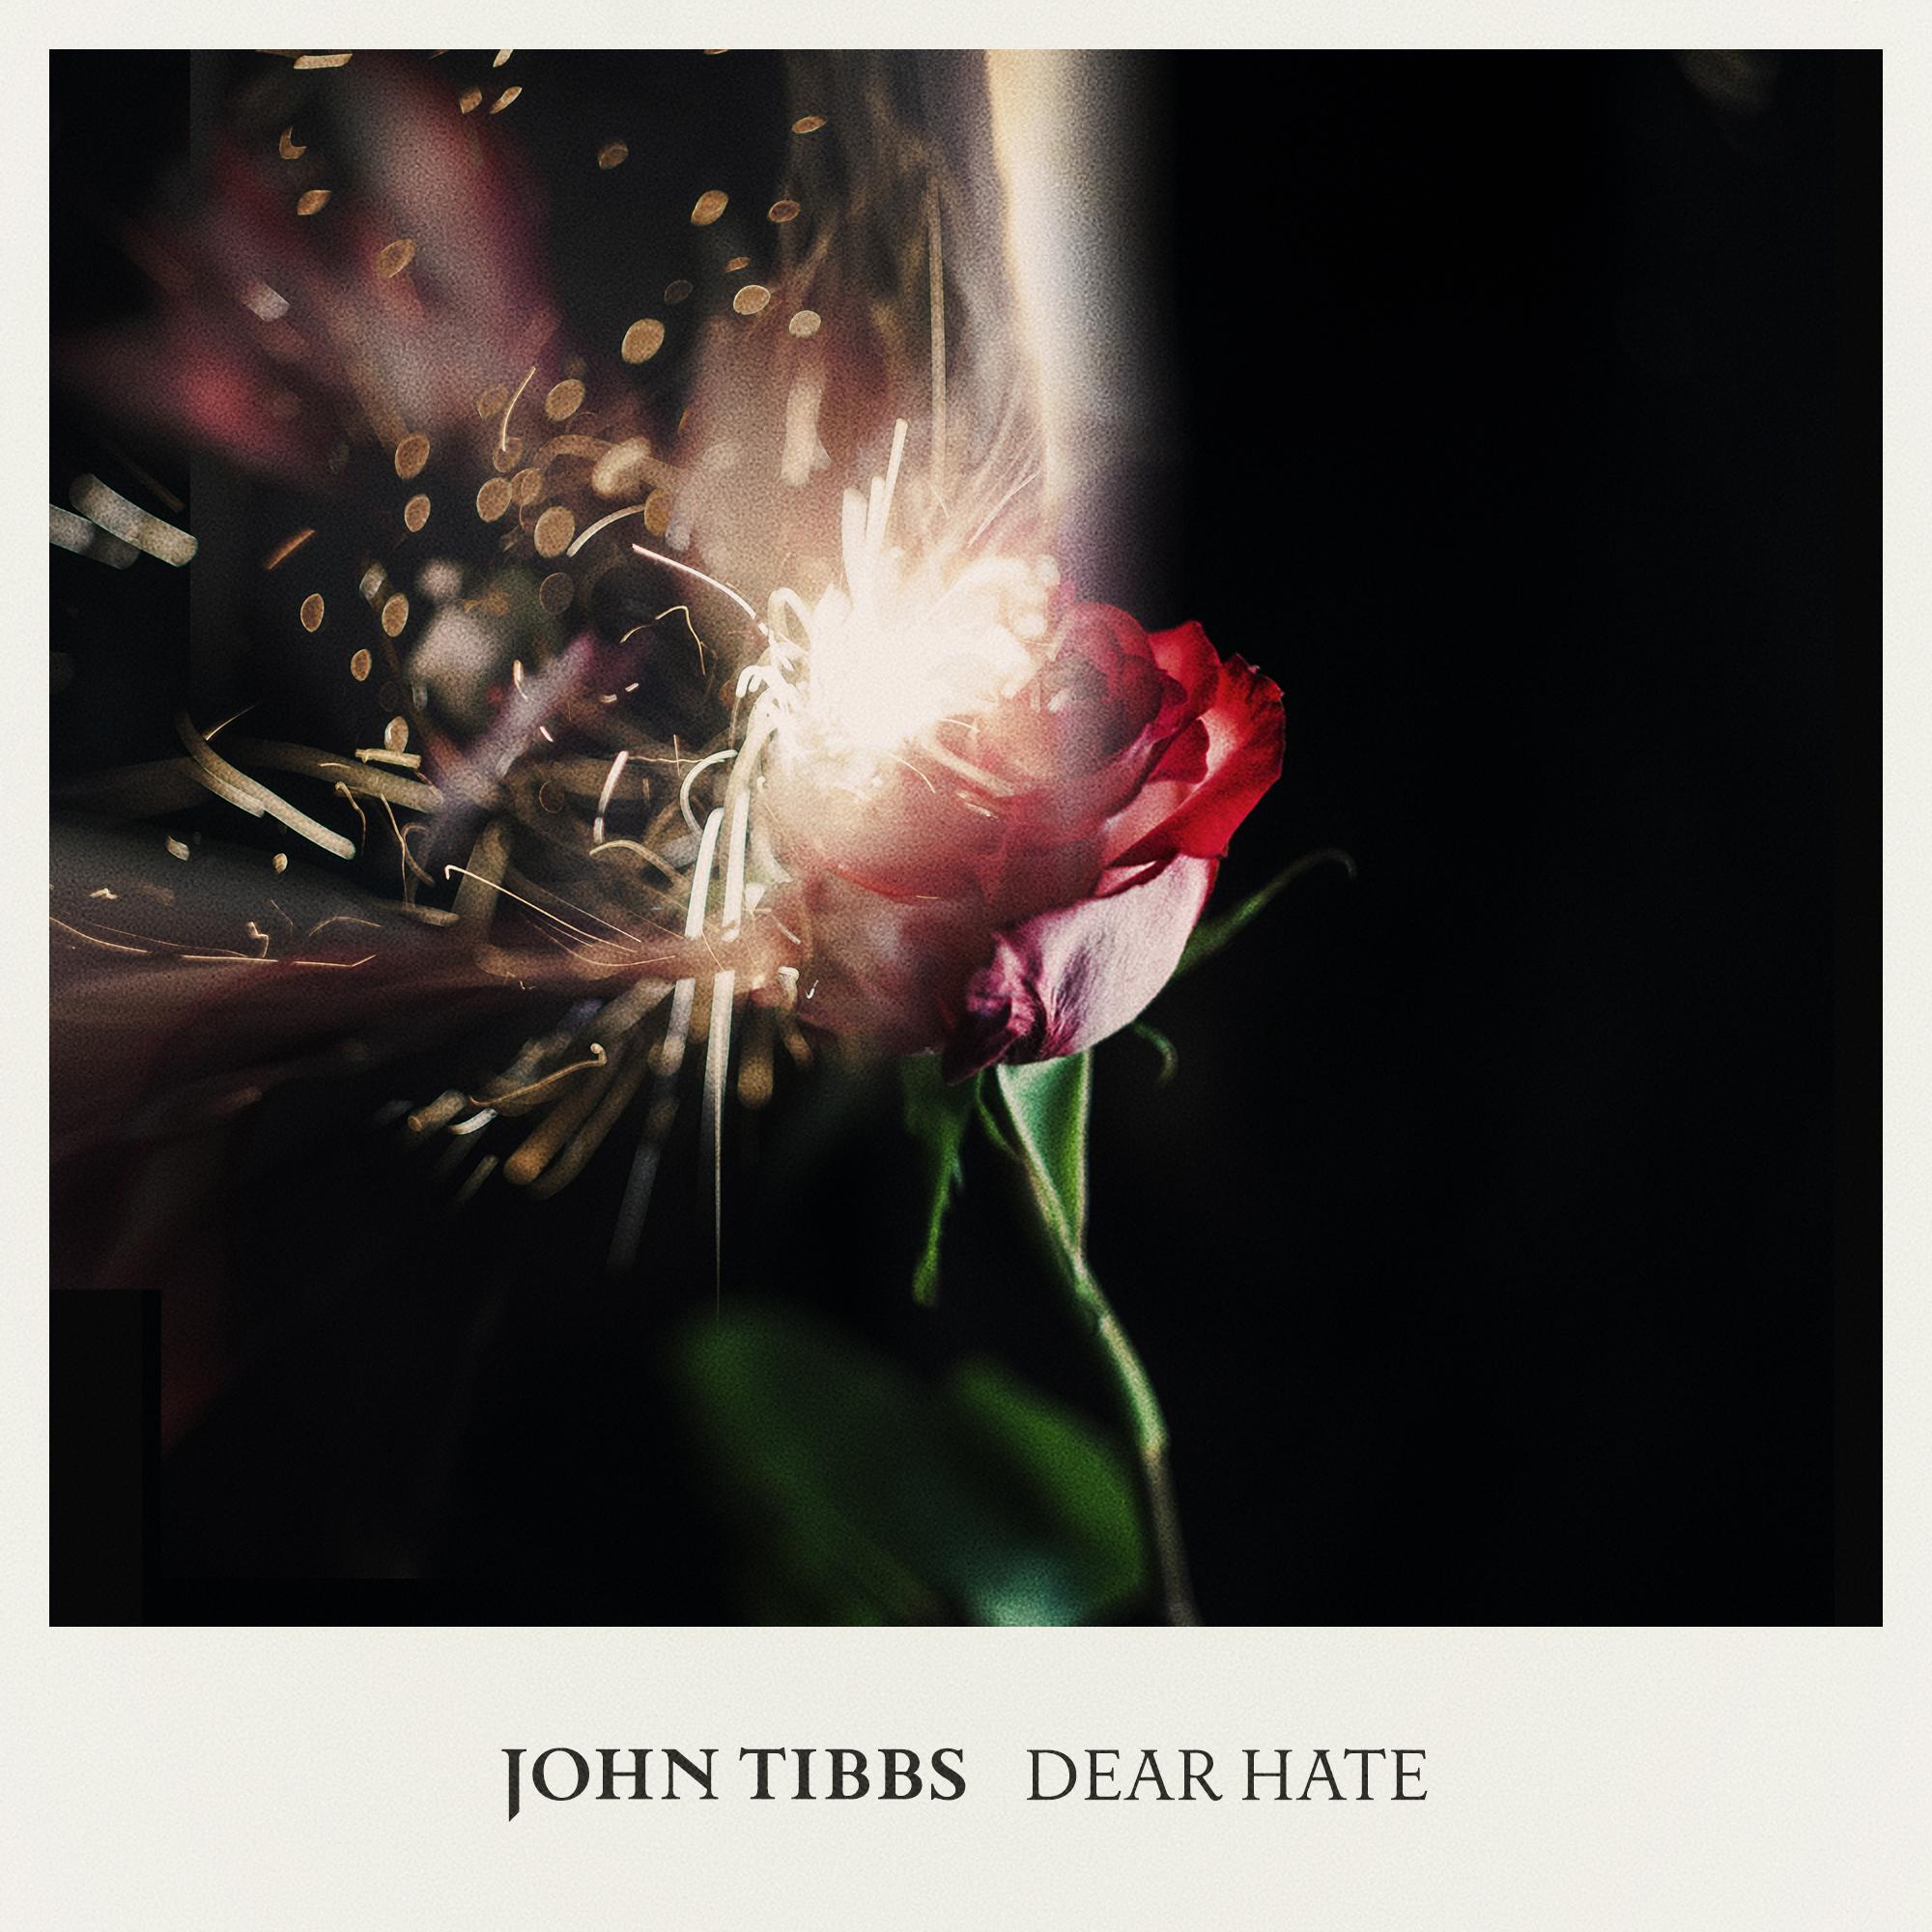 DearHate_JohnTibbs.jpg